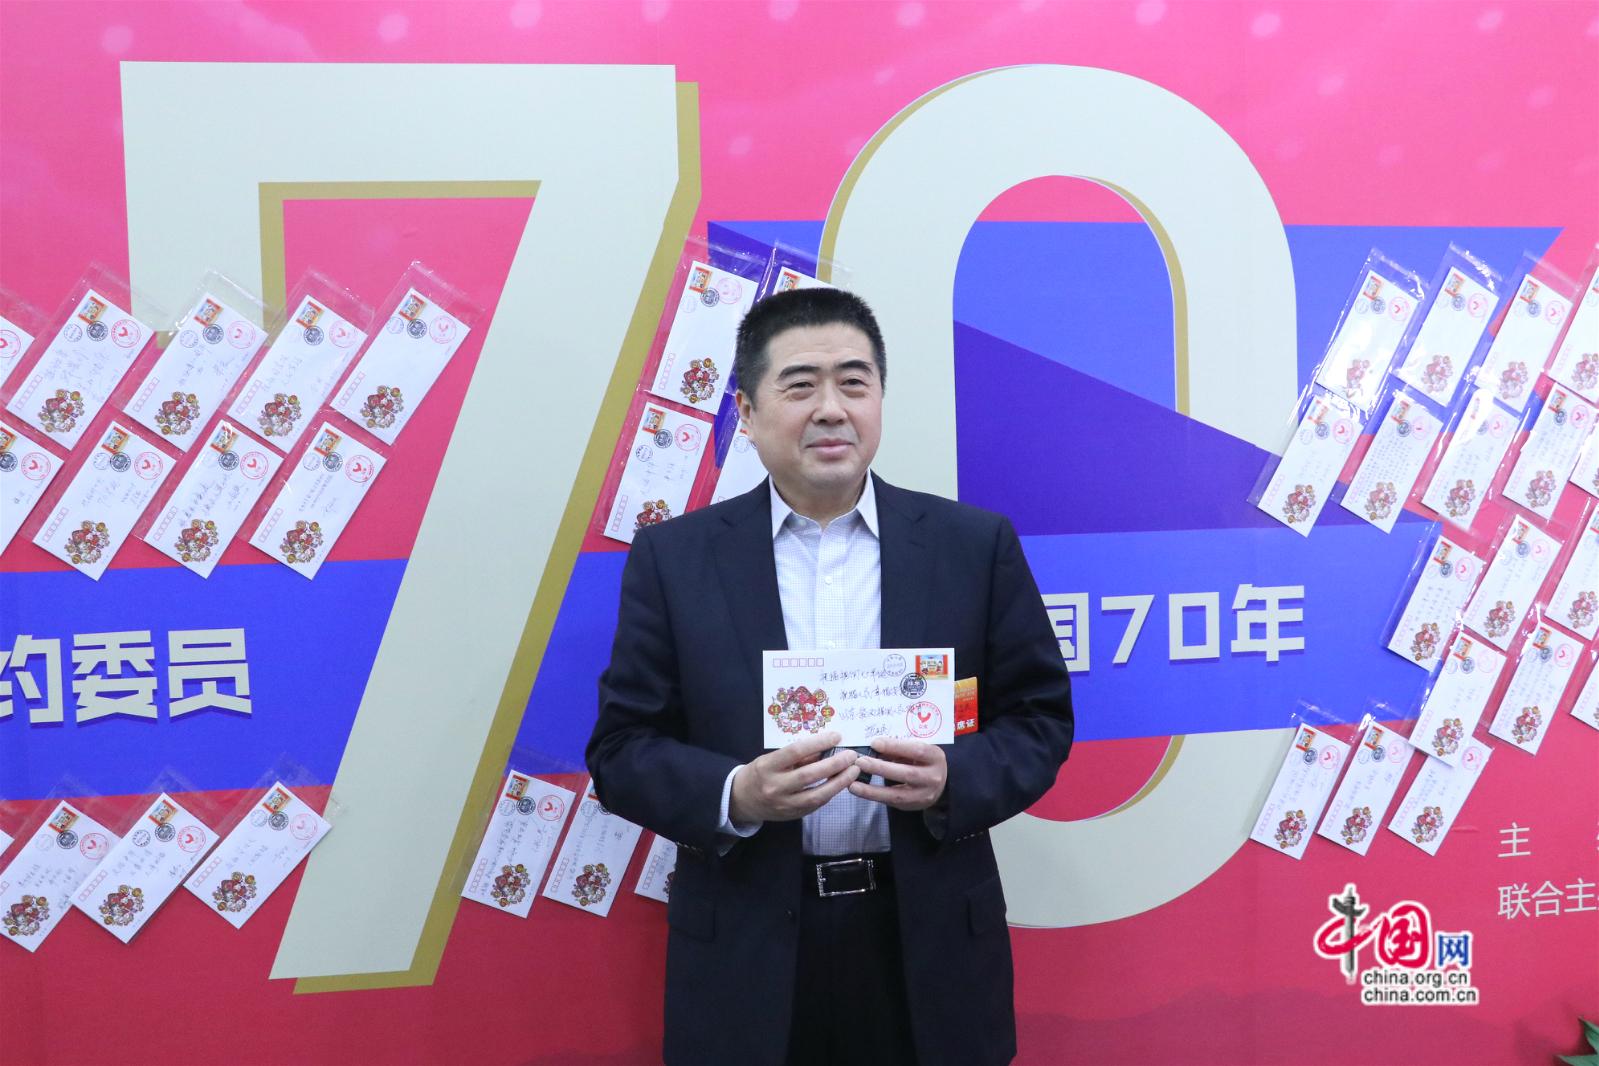 北京市政协委员苏志民参与节目录制。中国网记者胡俊摄